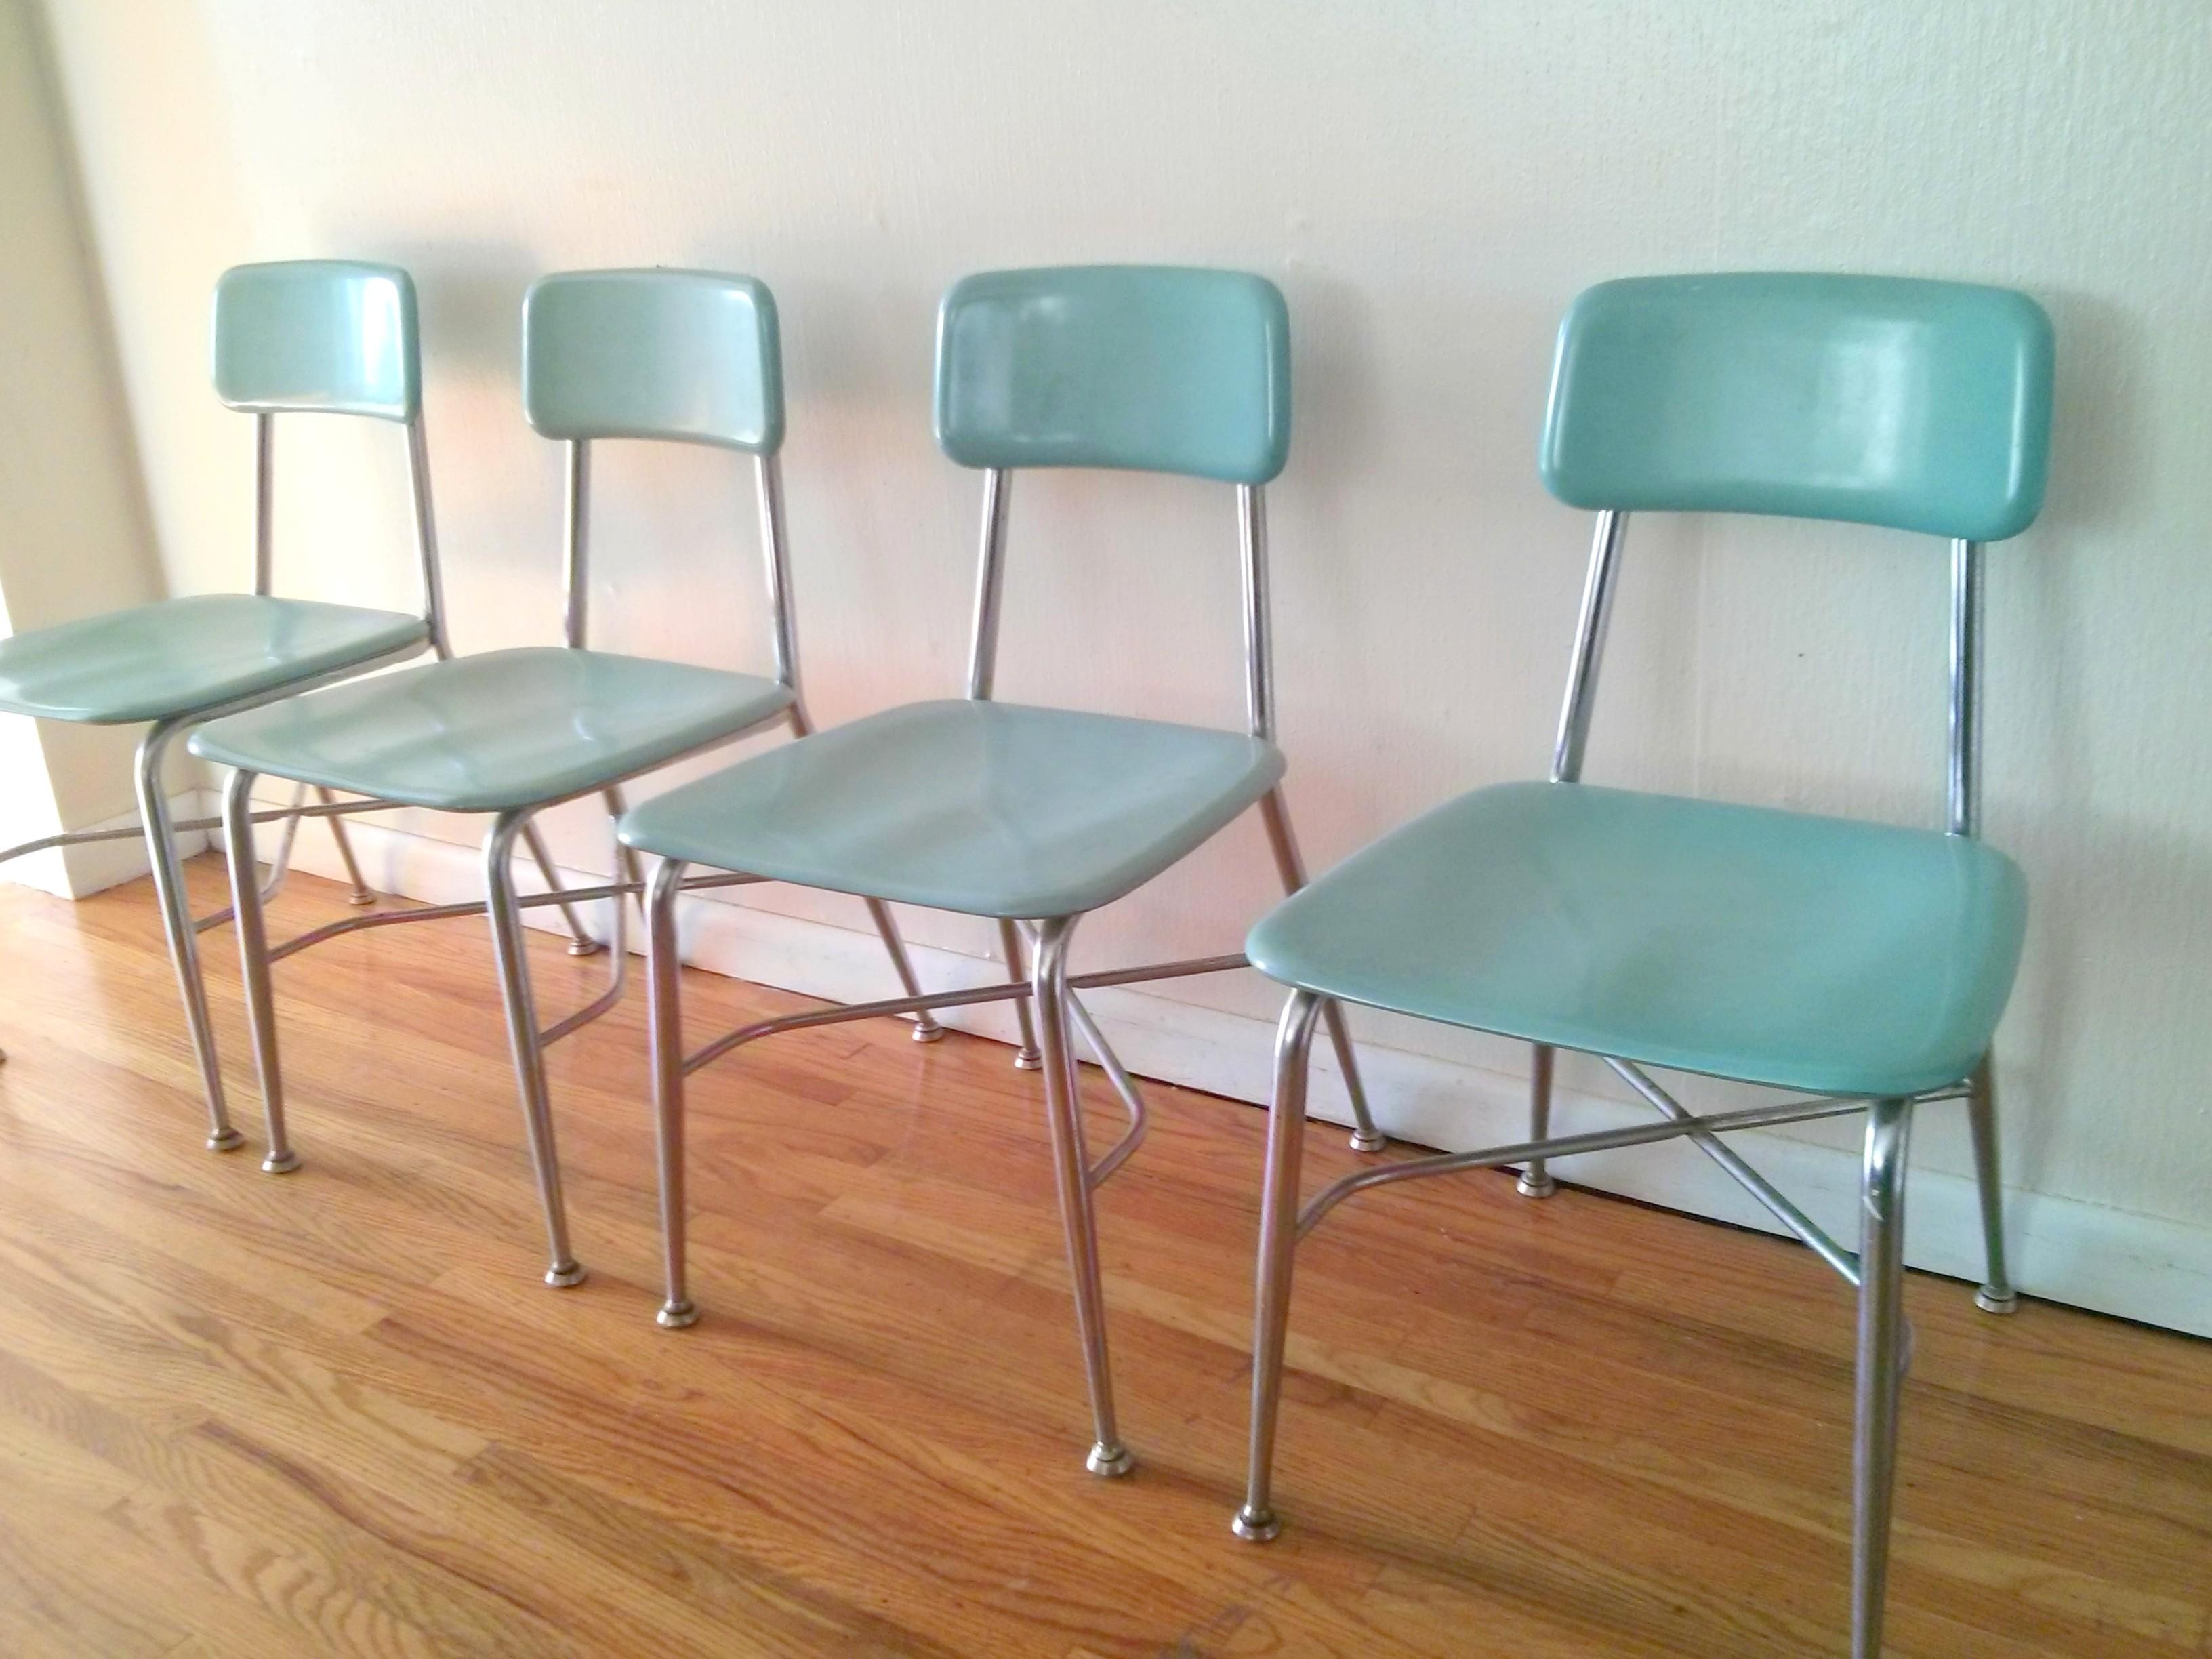 heywood wakefield chairs chair stool hunting bakelite picked vintage